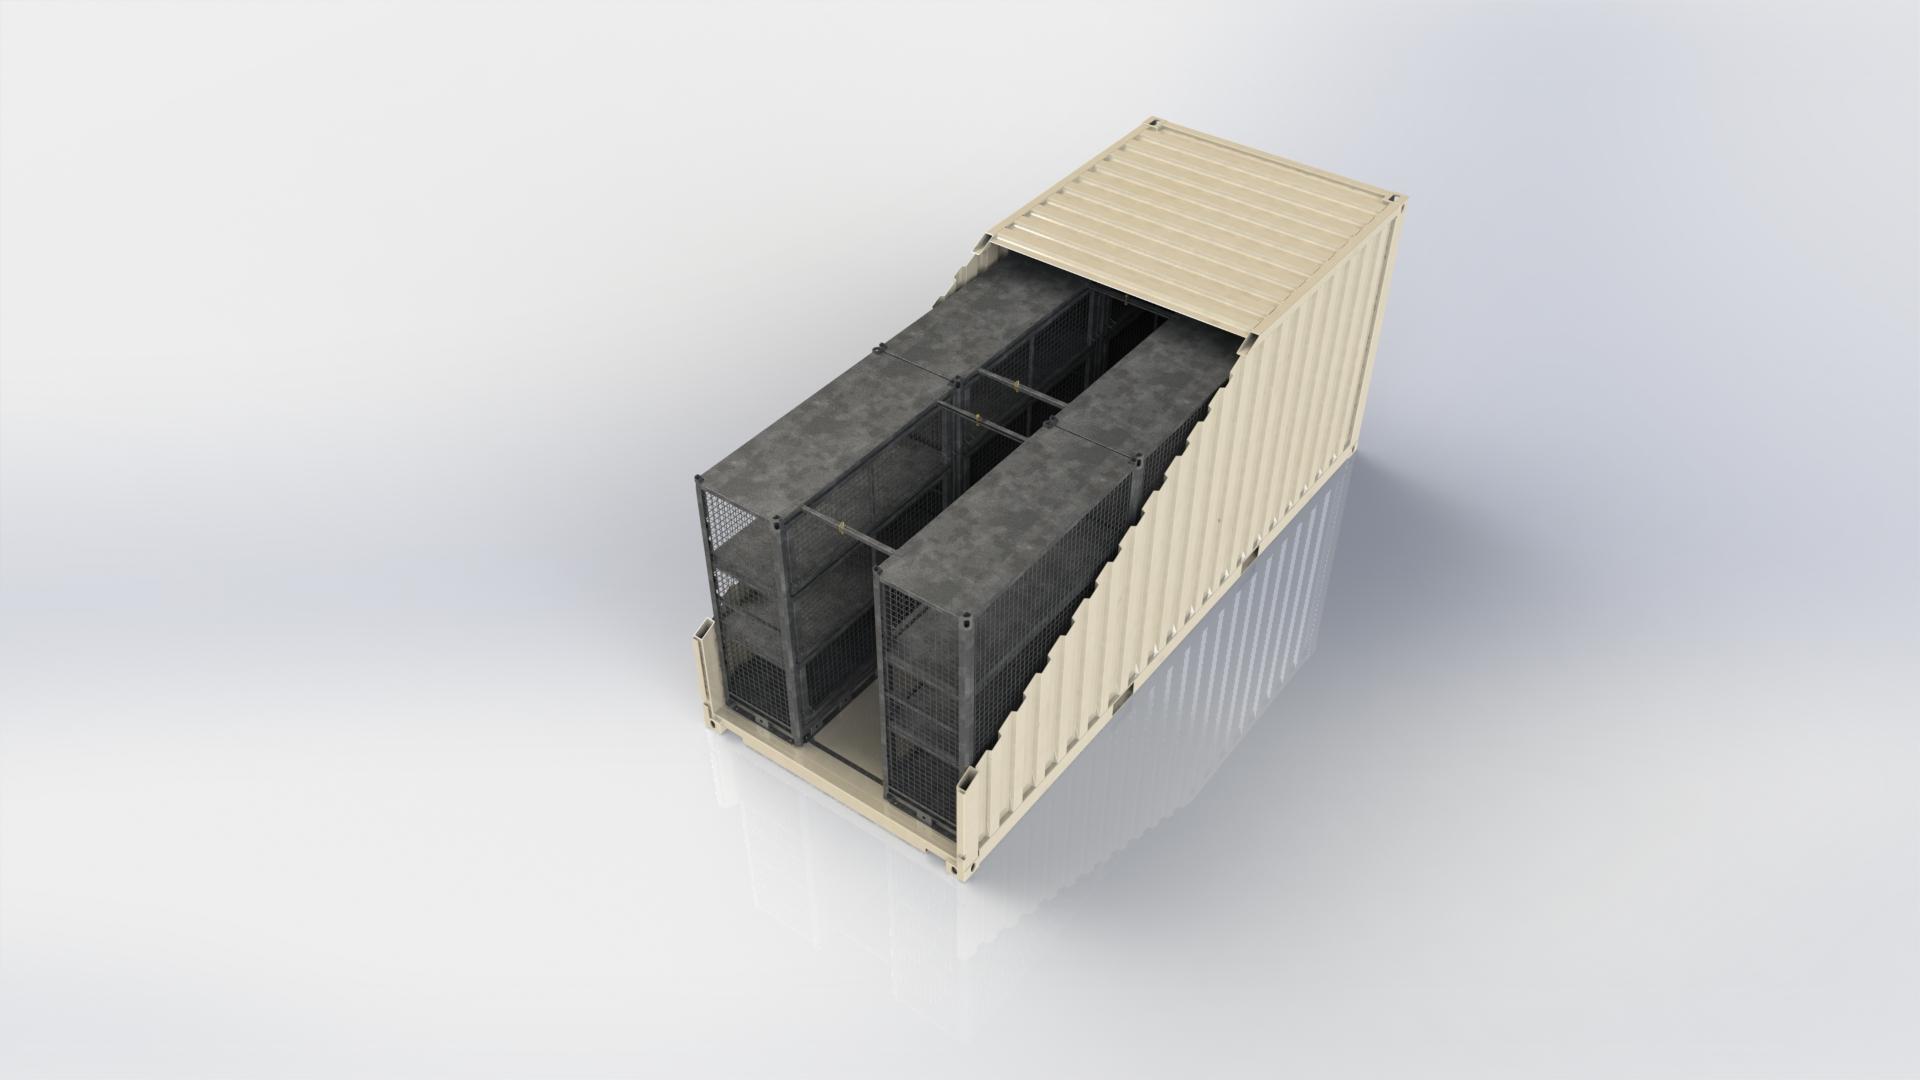 SLIM CWXL Kit for 20ft